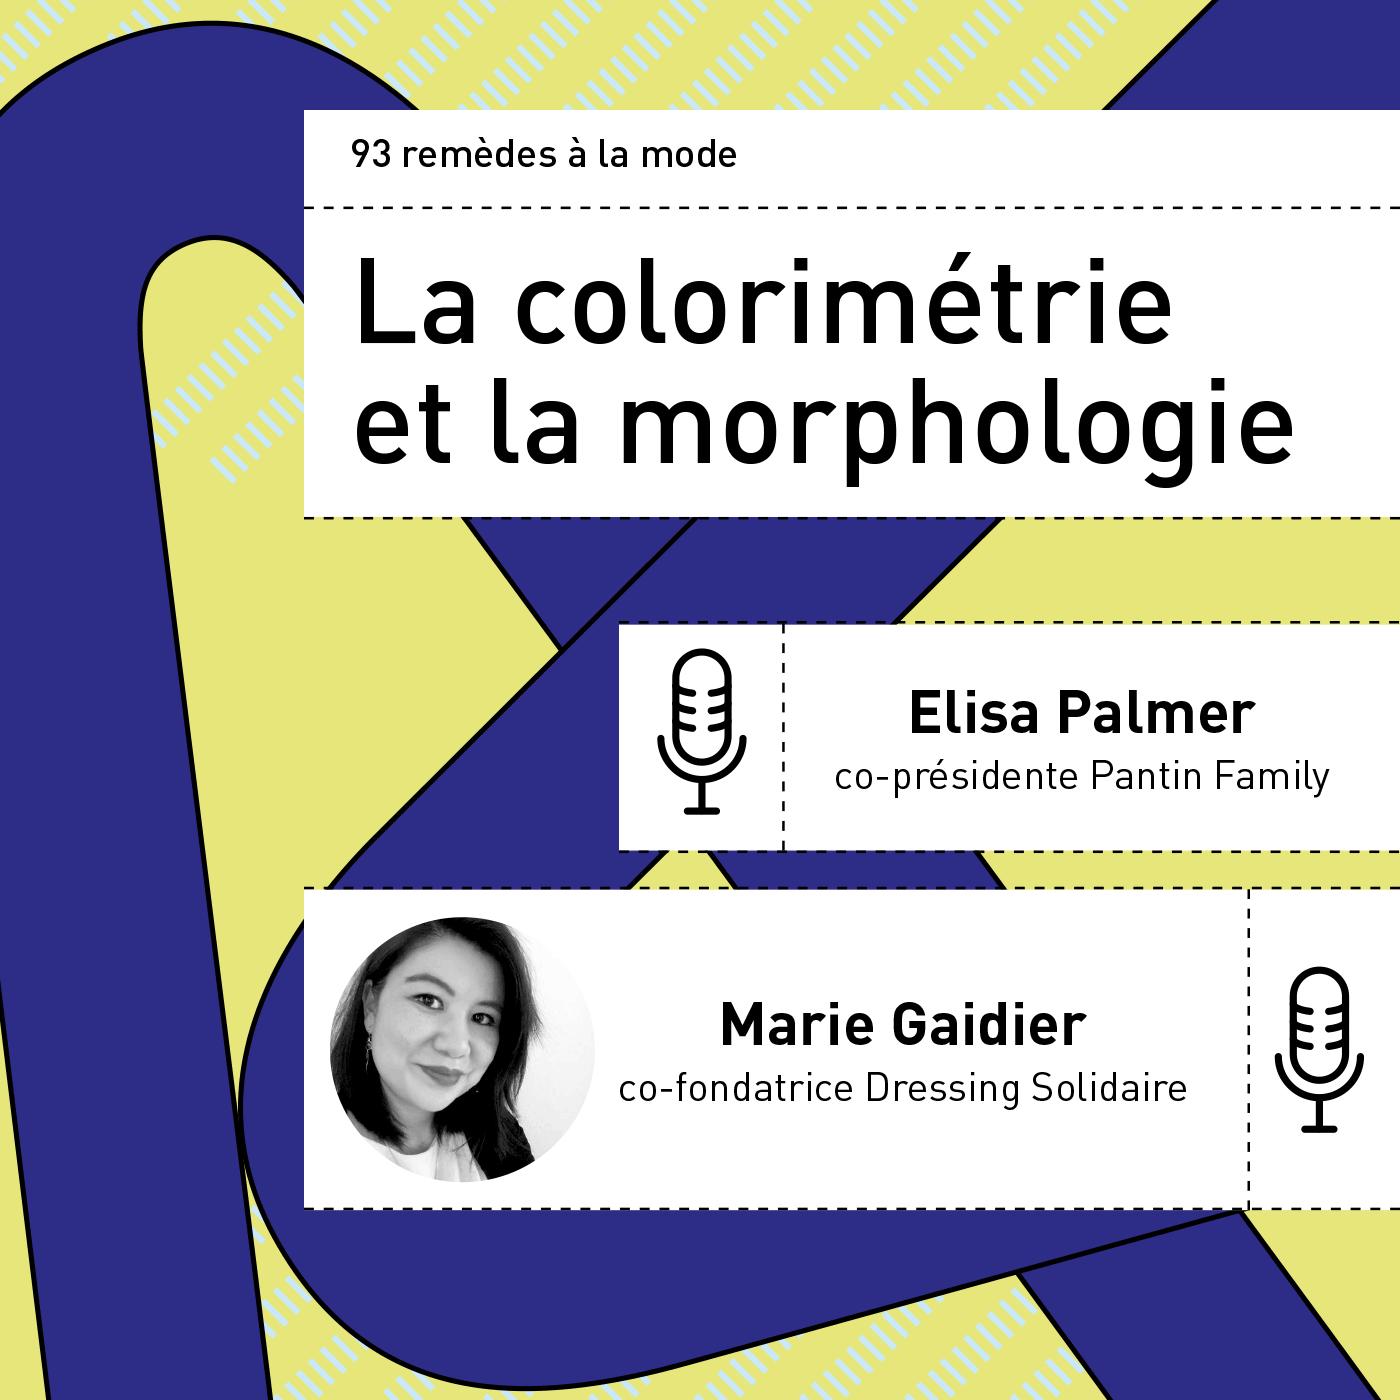 La colorimétrie et la morphologie